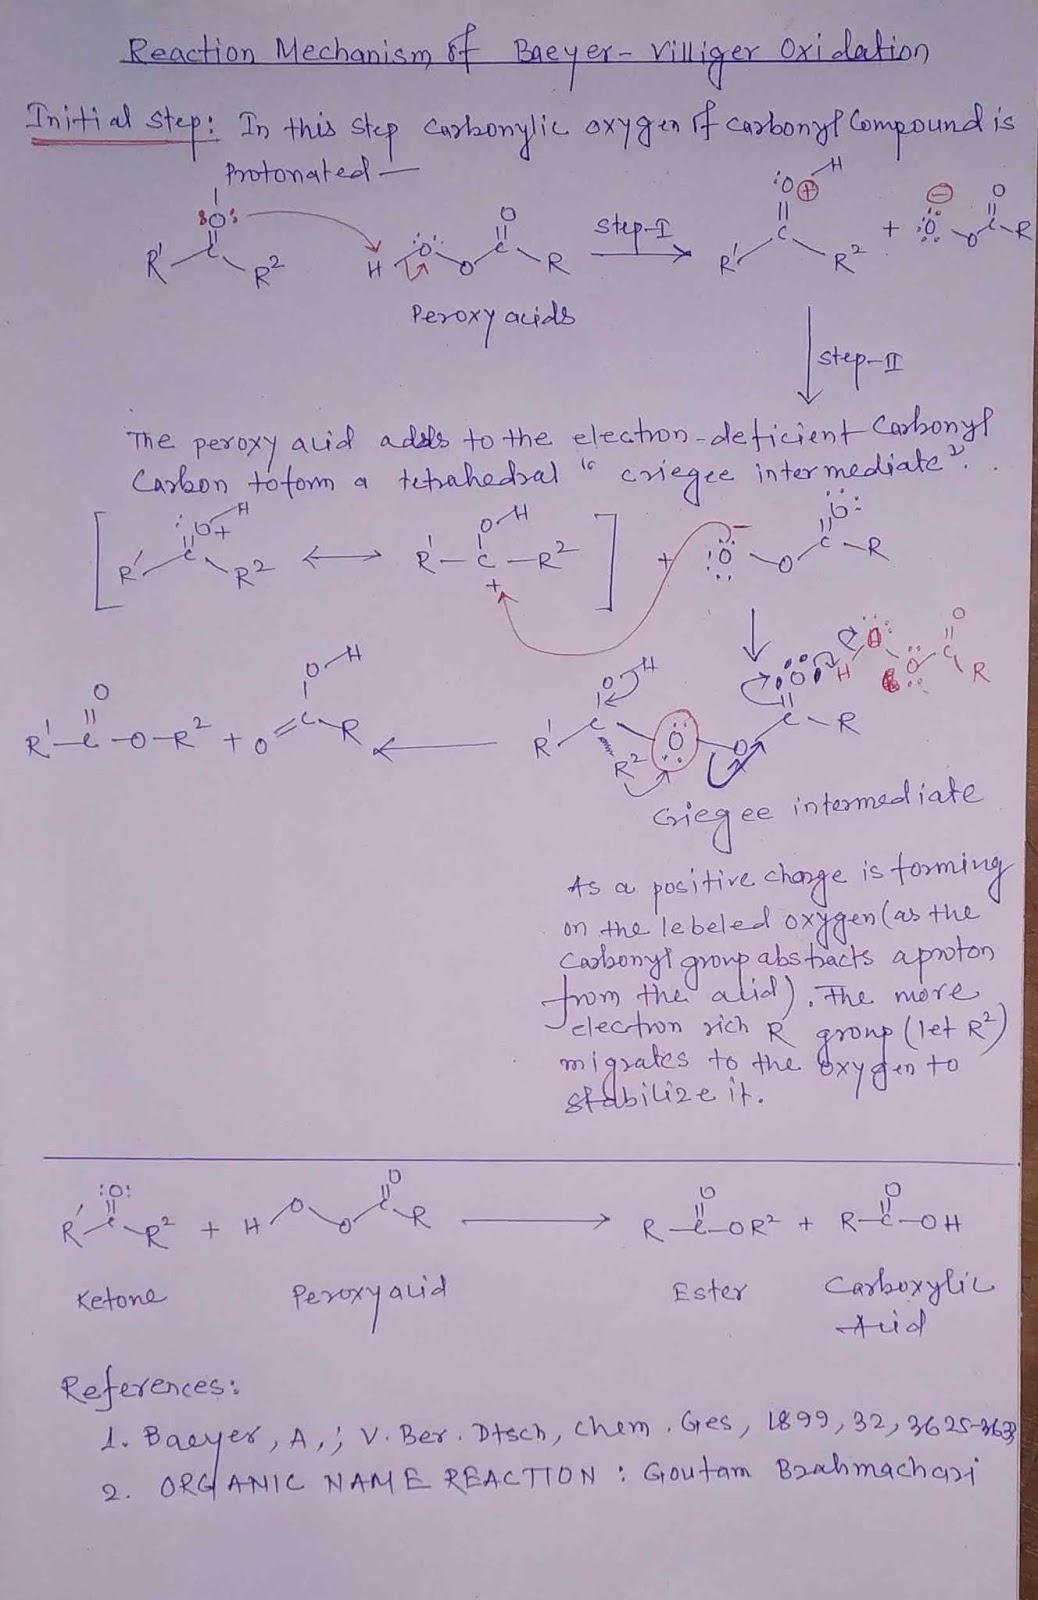 Reaction Mechanism of Baeyer Villiger oxidation